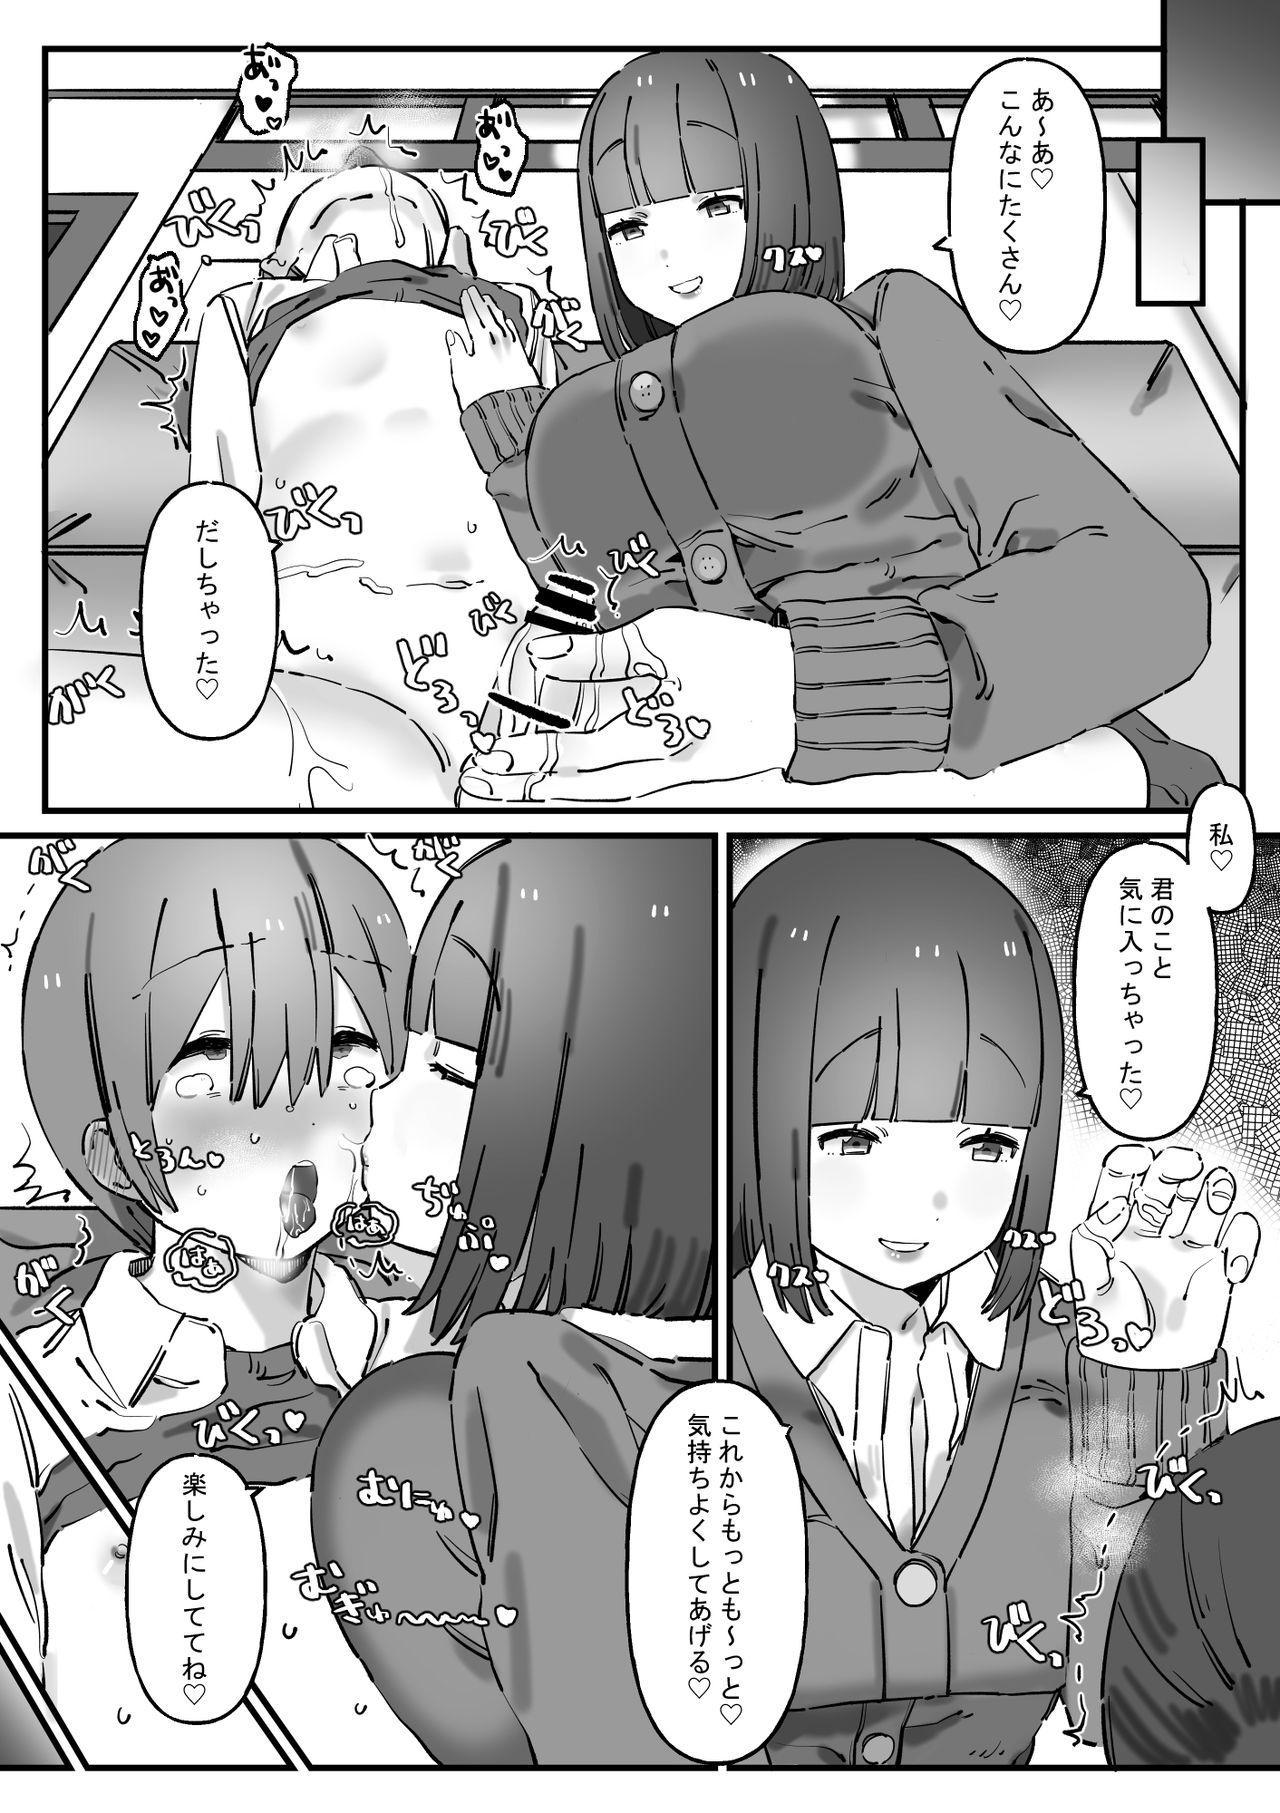 Akogare no Senpai wa Otoko o Moteasobu Waru~i Onnanoko 12